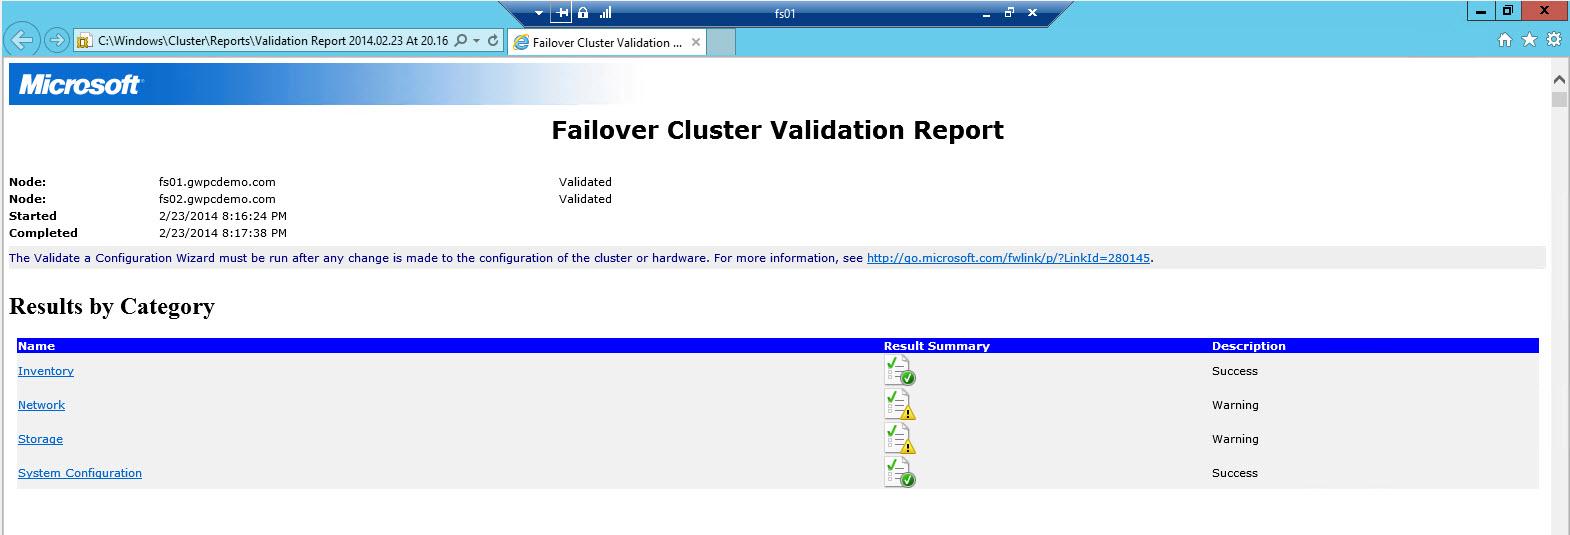 Validate<em>Cluster</em>1